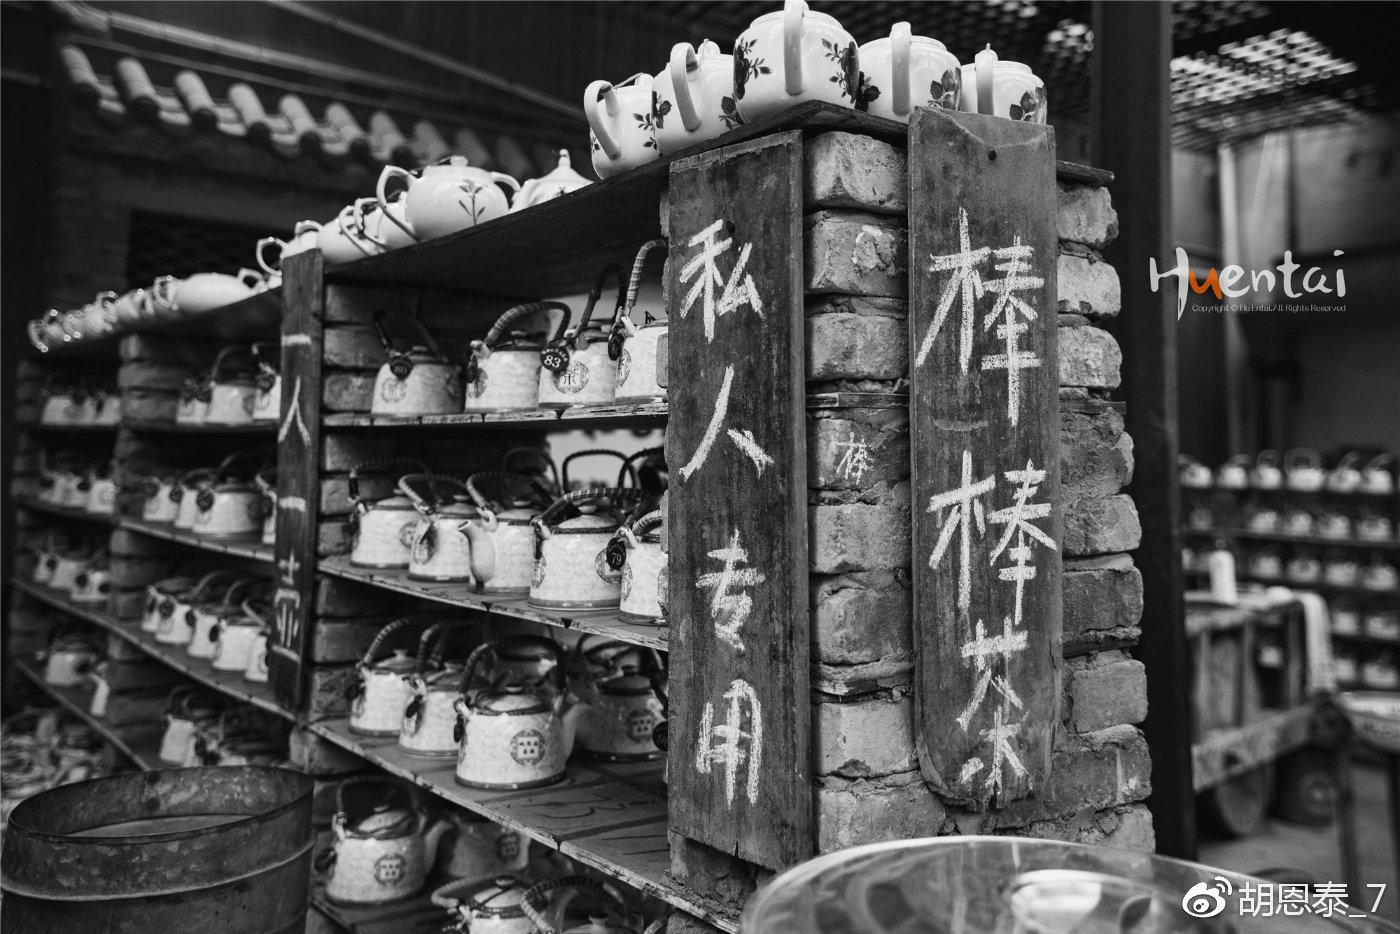 全国最接地气的茶馆,5毛钱喝一上午,不在成都和重庆